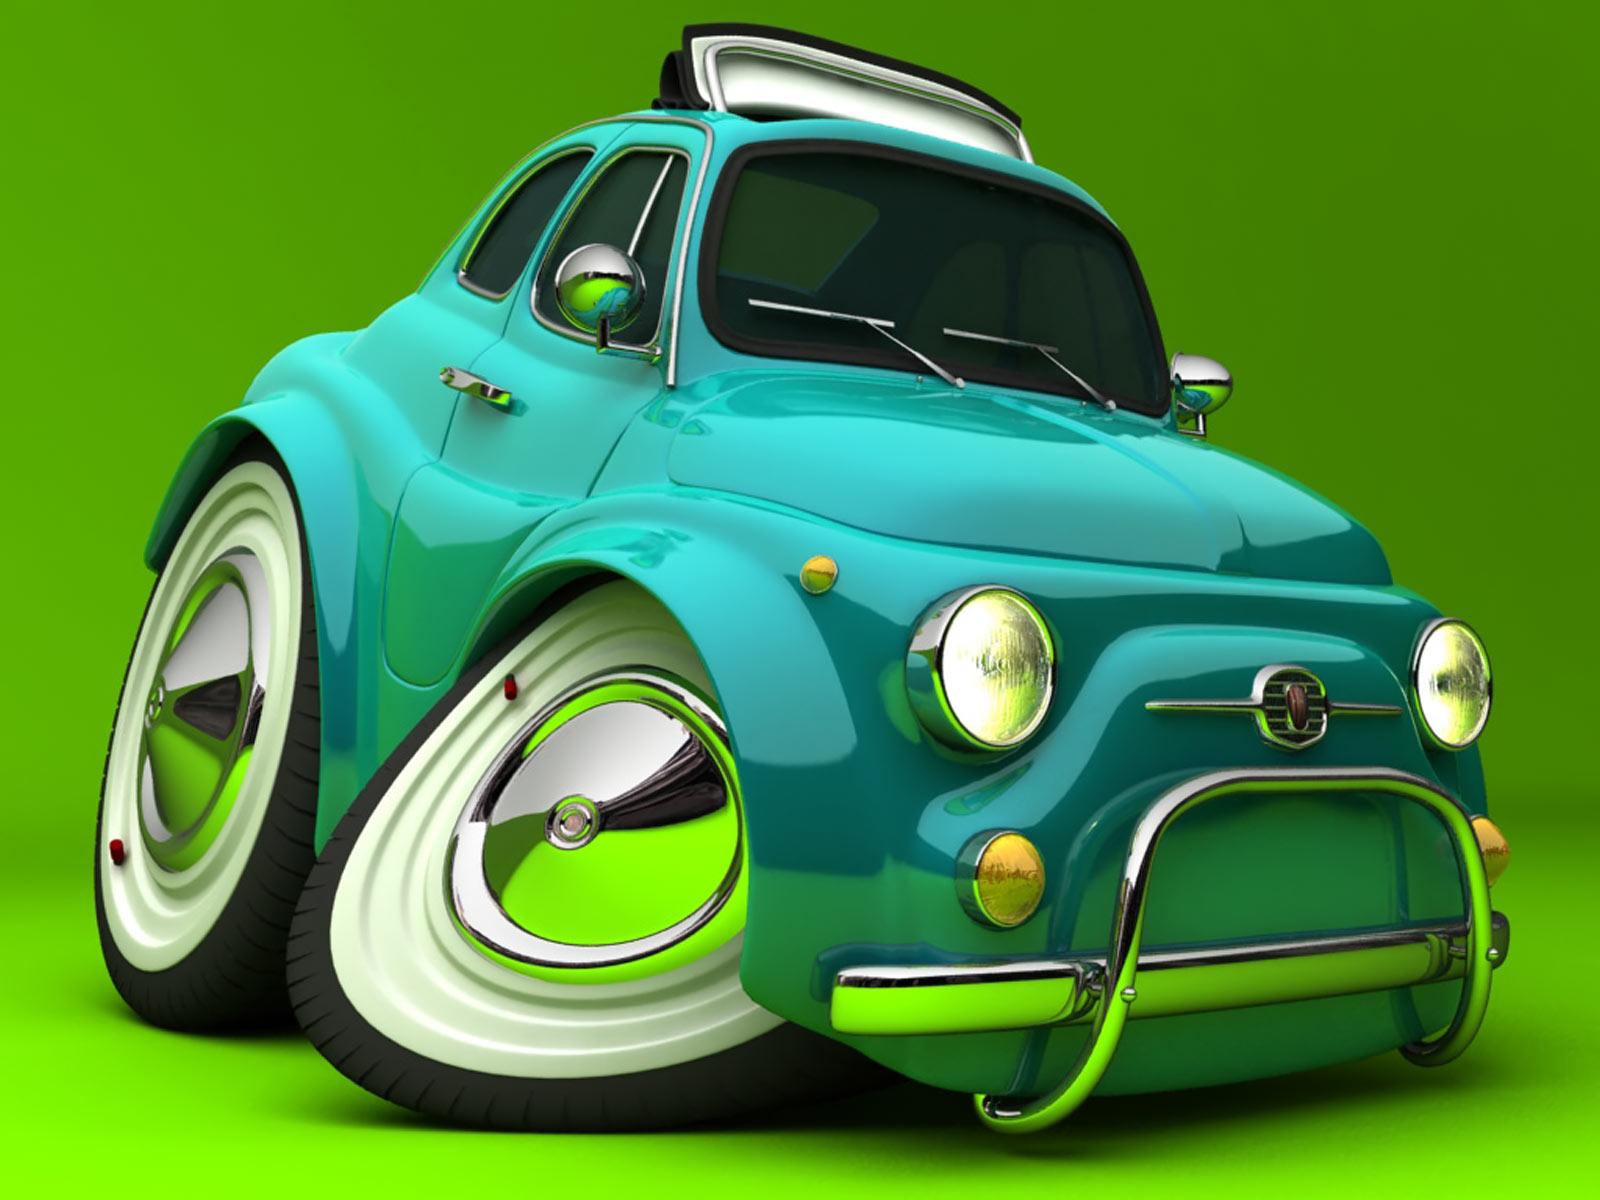 http://1.bp.blogspot.com/-1g6bxIB4NPE/Tw0vimvvOGI/AAAAAAAADm4/_czyDjSCrVc/s1600/3D_Vehicles.jpg